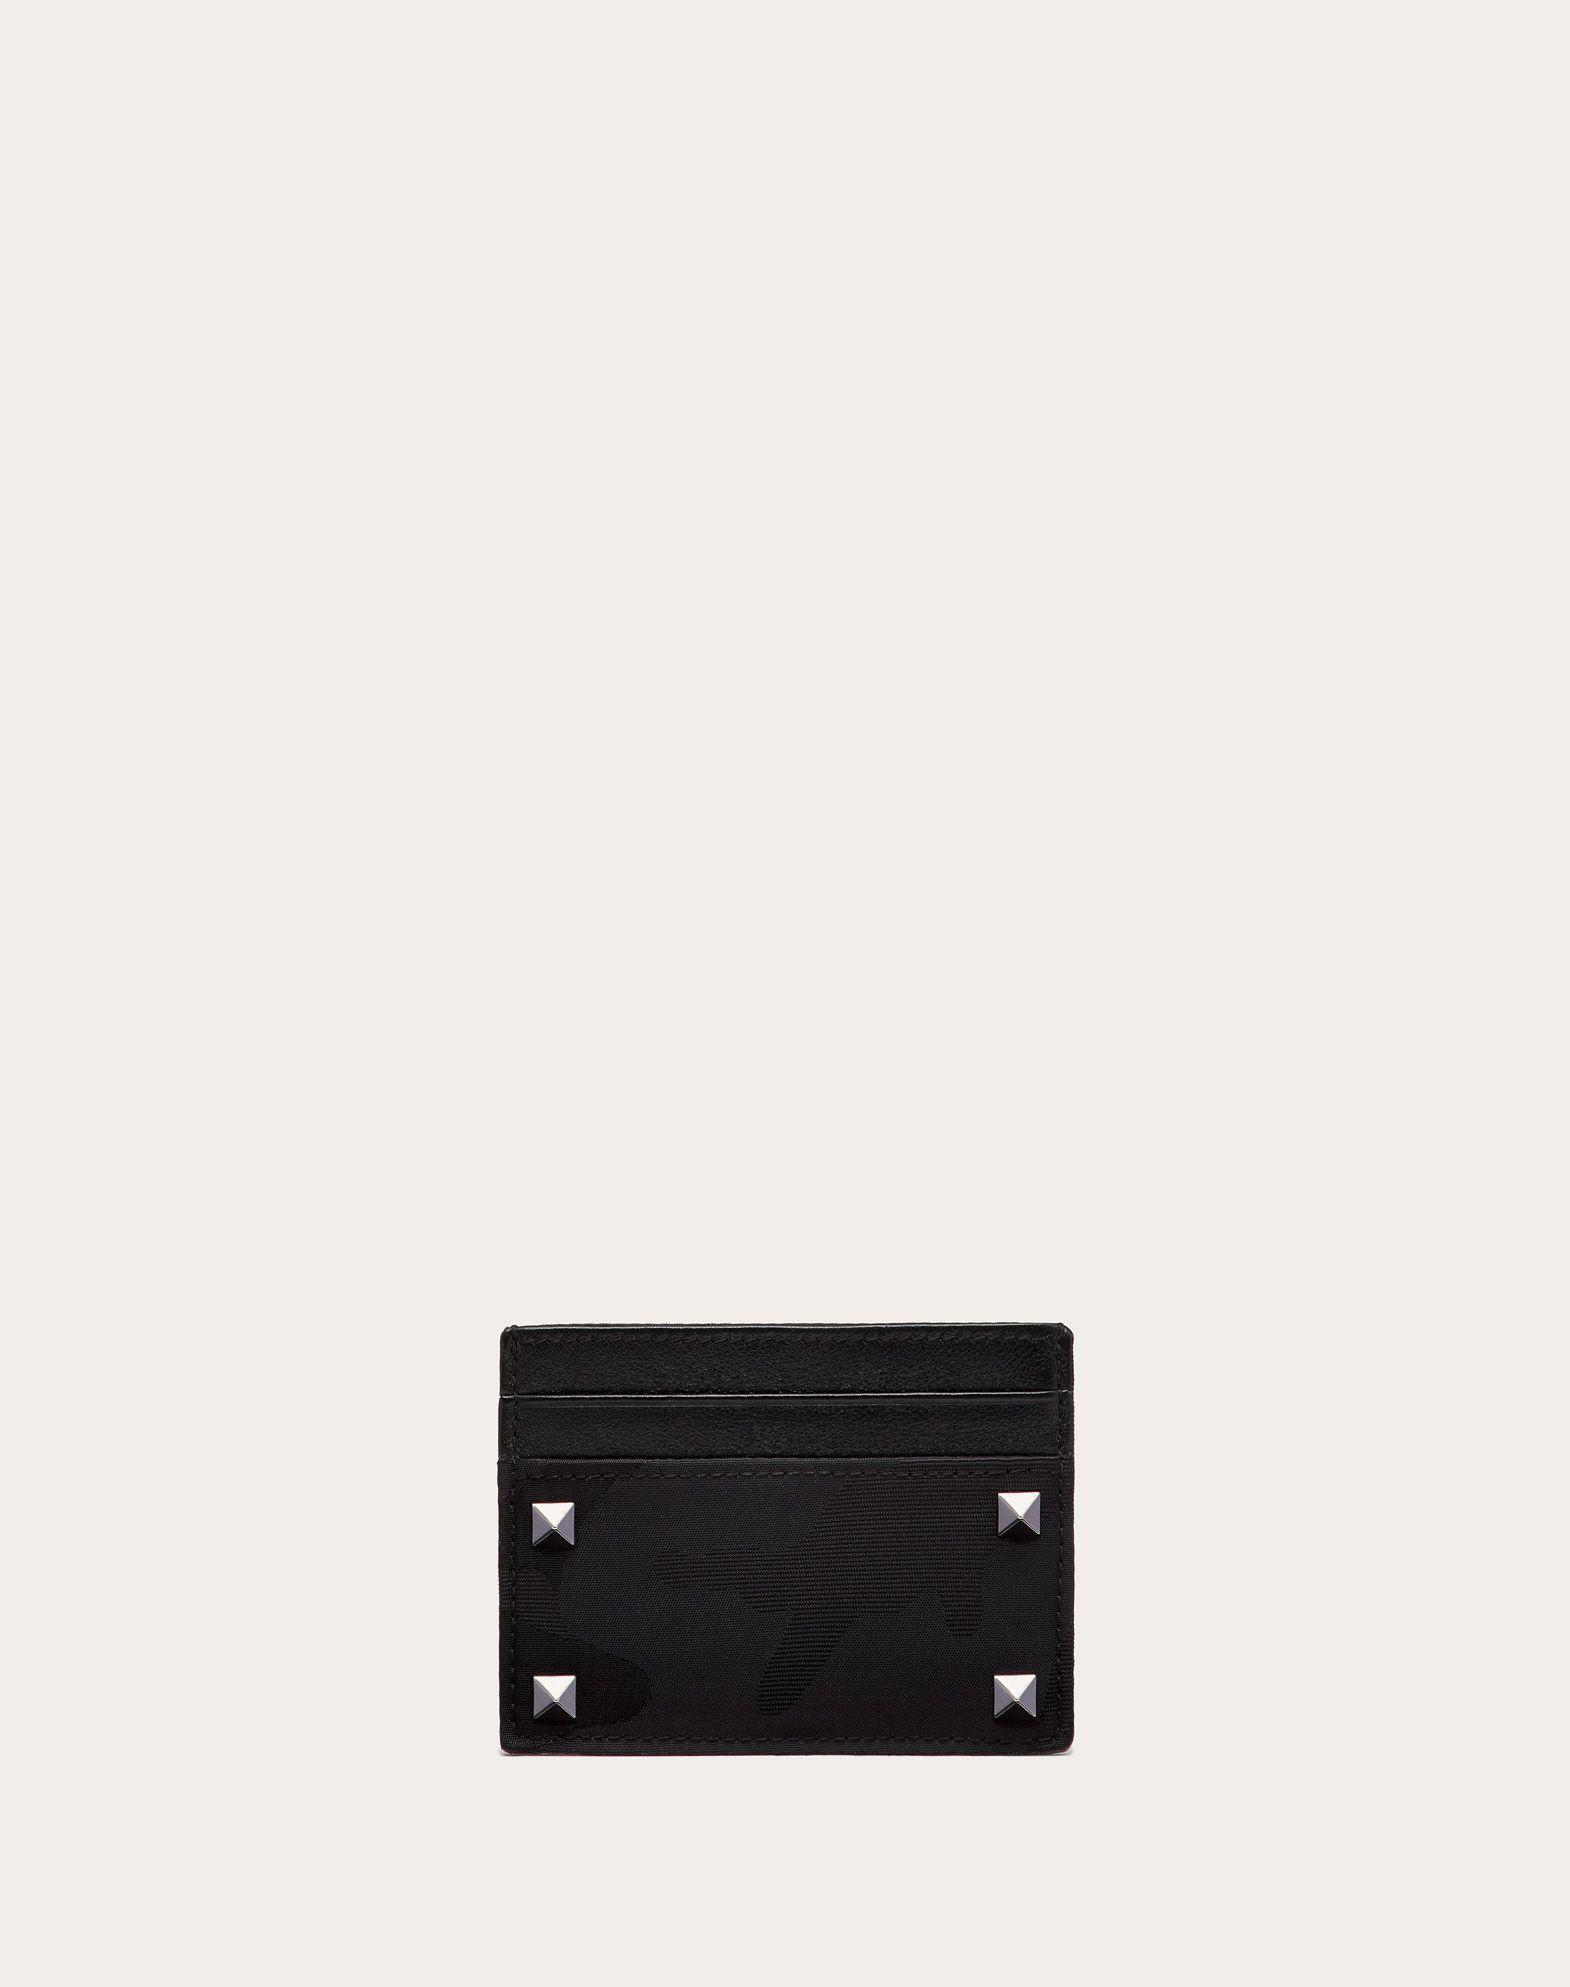 VALENTINO 铆钉 附品牌标志  46515050cf